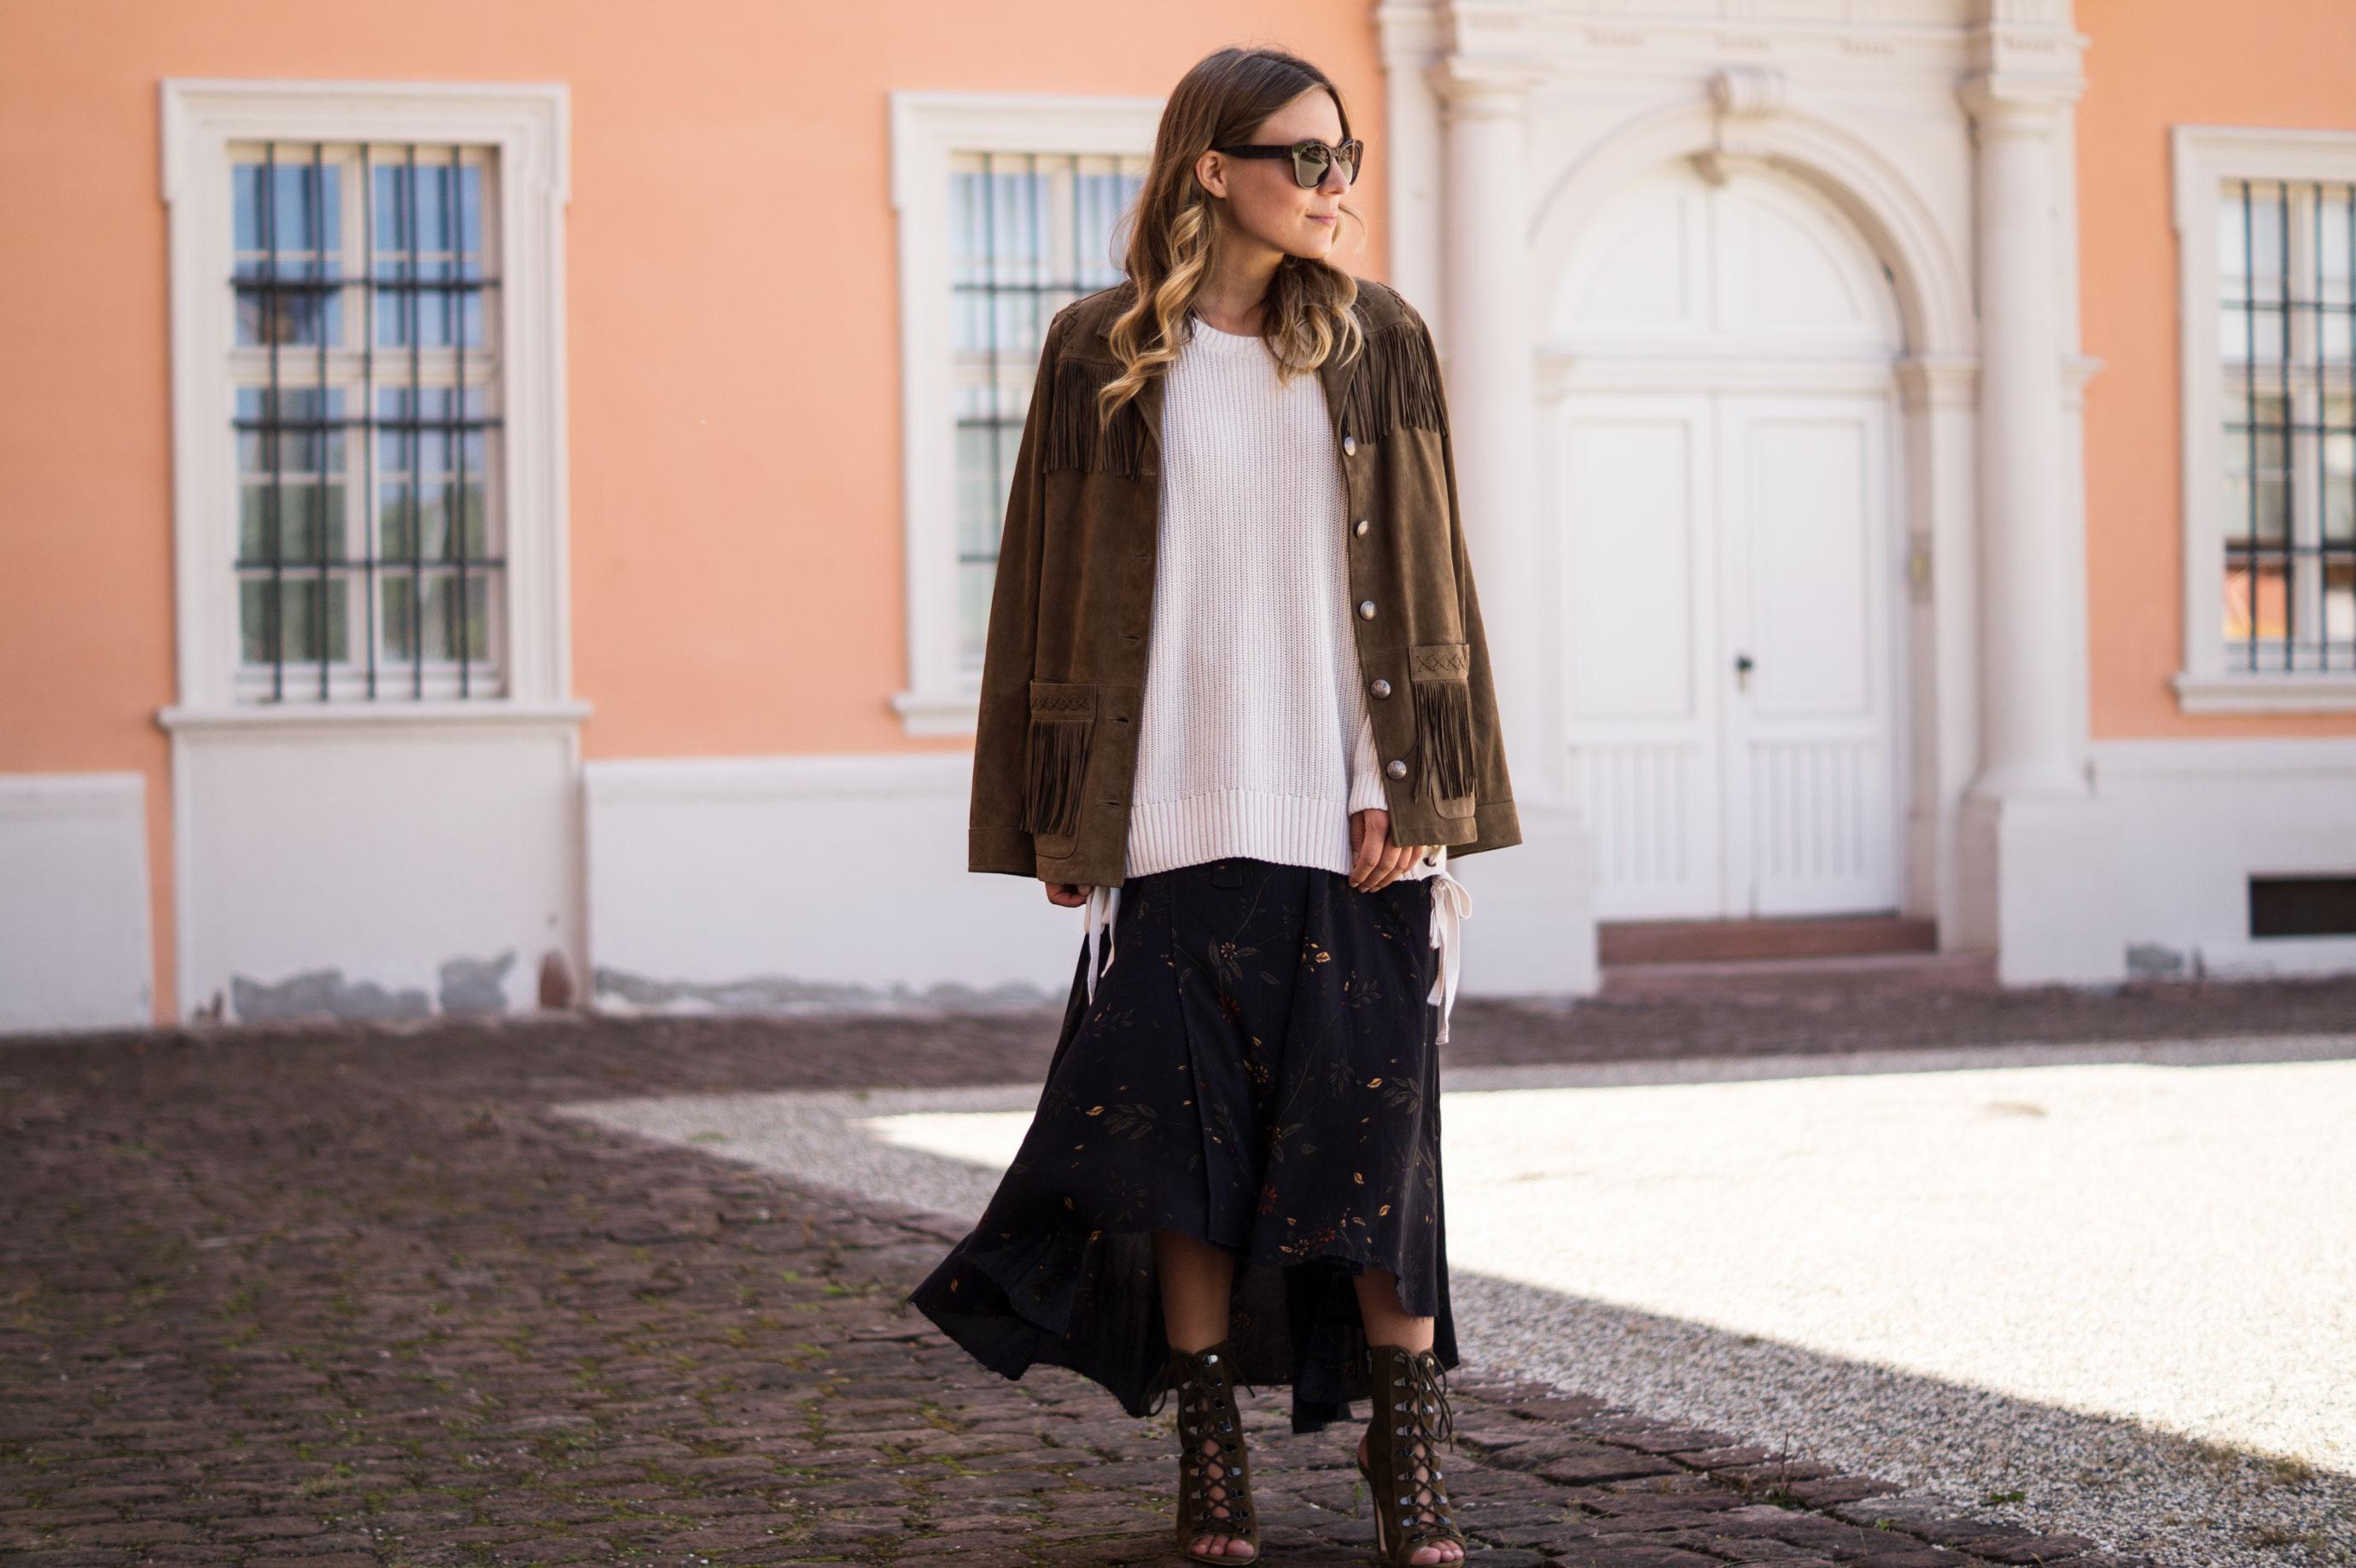 Fall Layers Herbstlook Fransenjacke Wildlederjacke Lace Up Heels Sariety Sarah Schaefer Modeblog Heidelberg_6